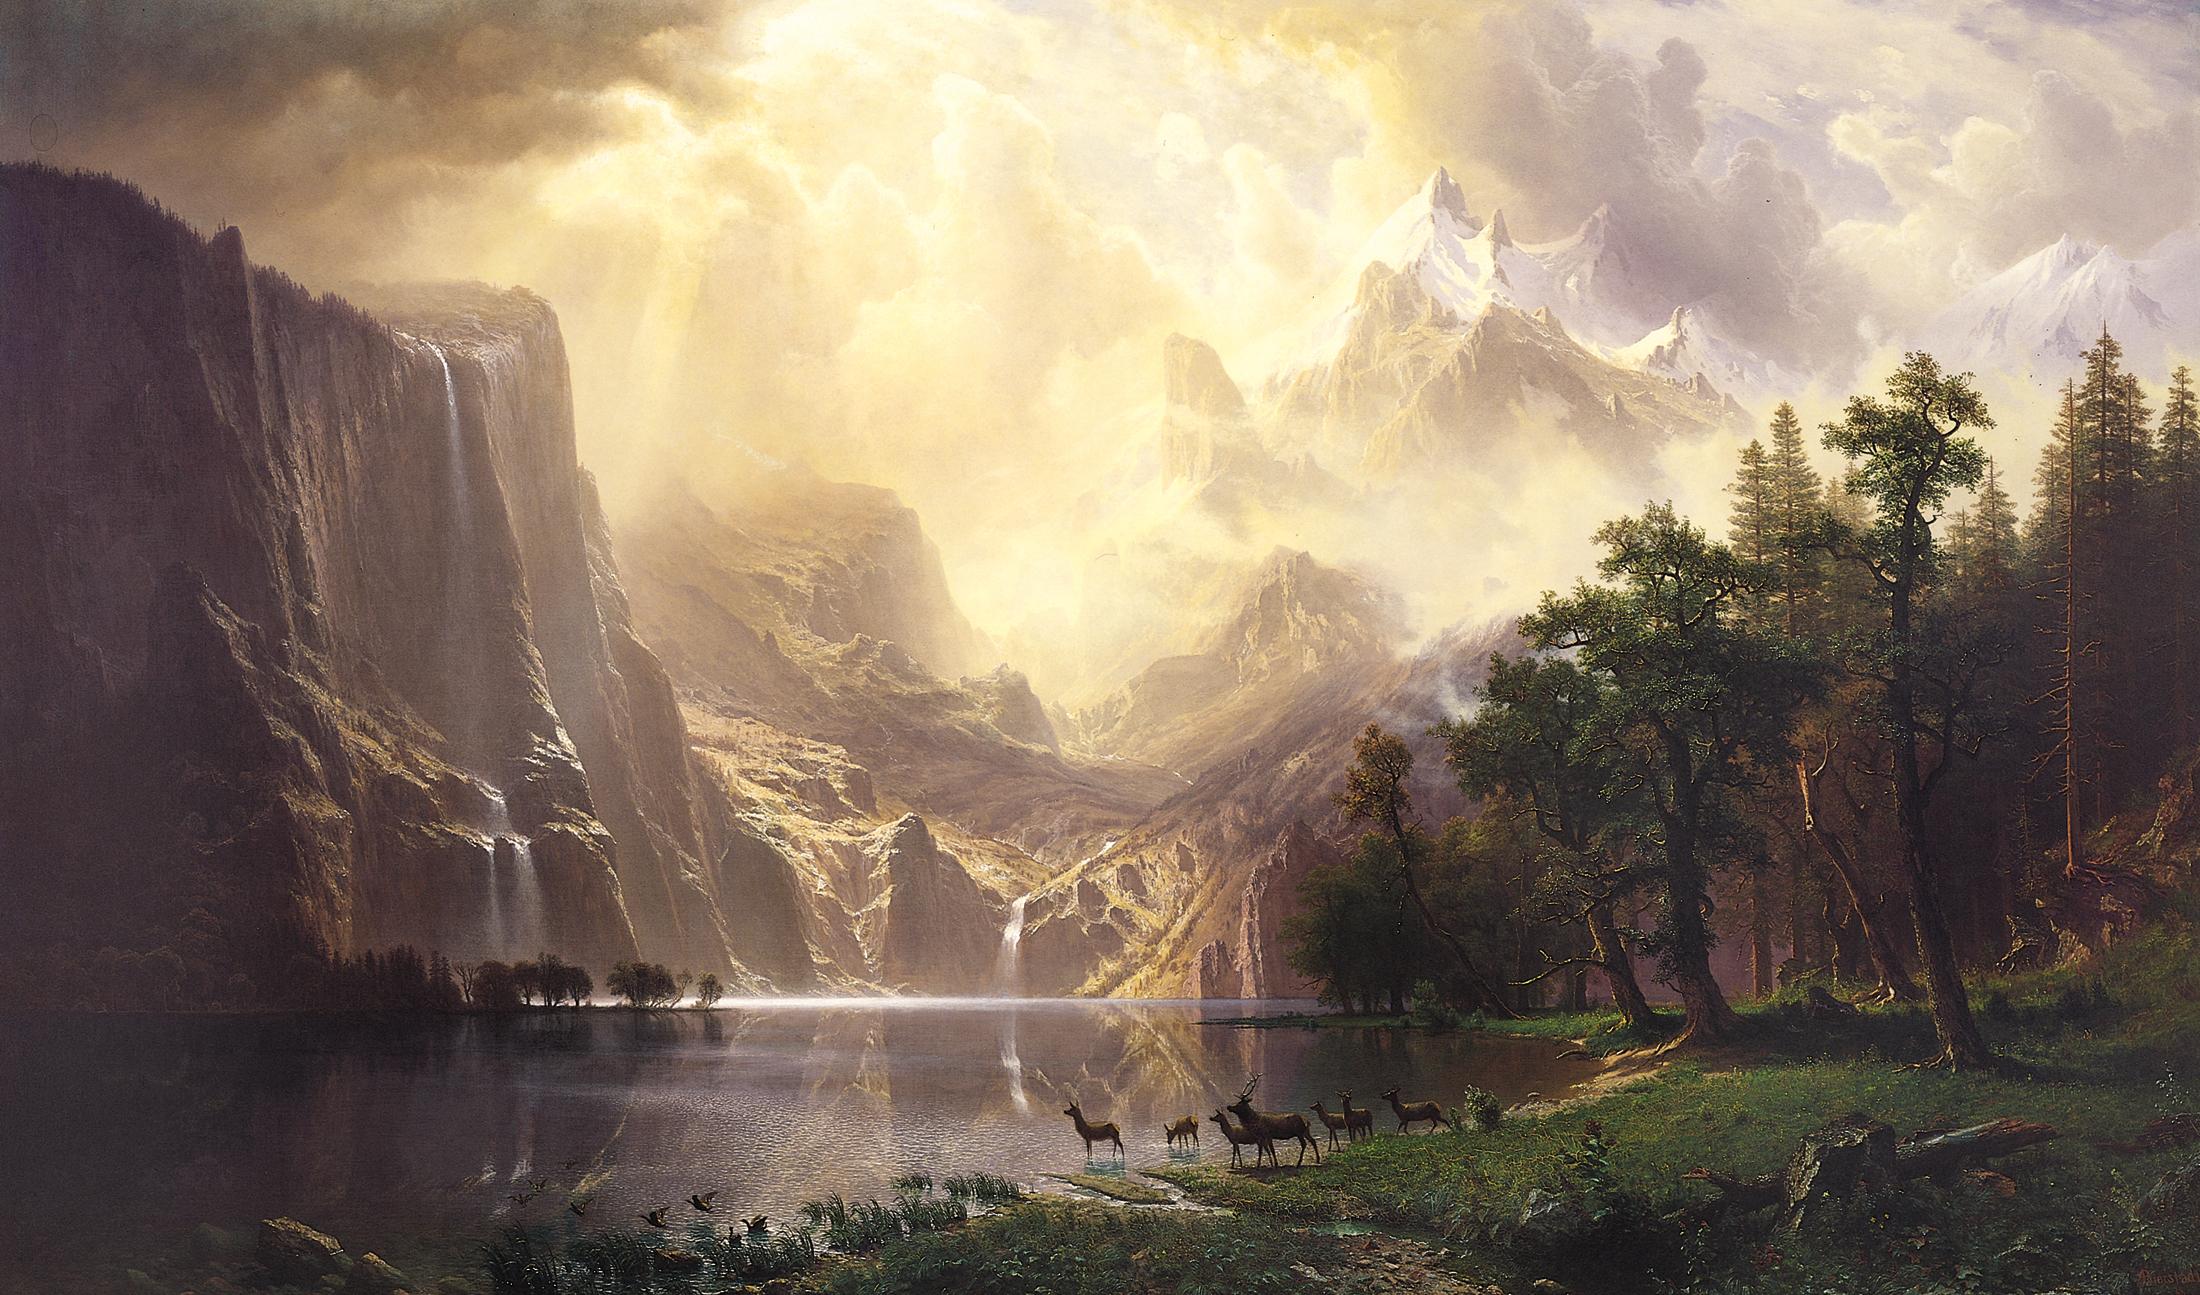 Albert_Bierstadt,_Among_the_Sierra_Nevada_Mountains.jpg